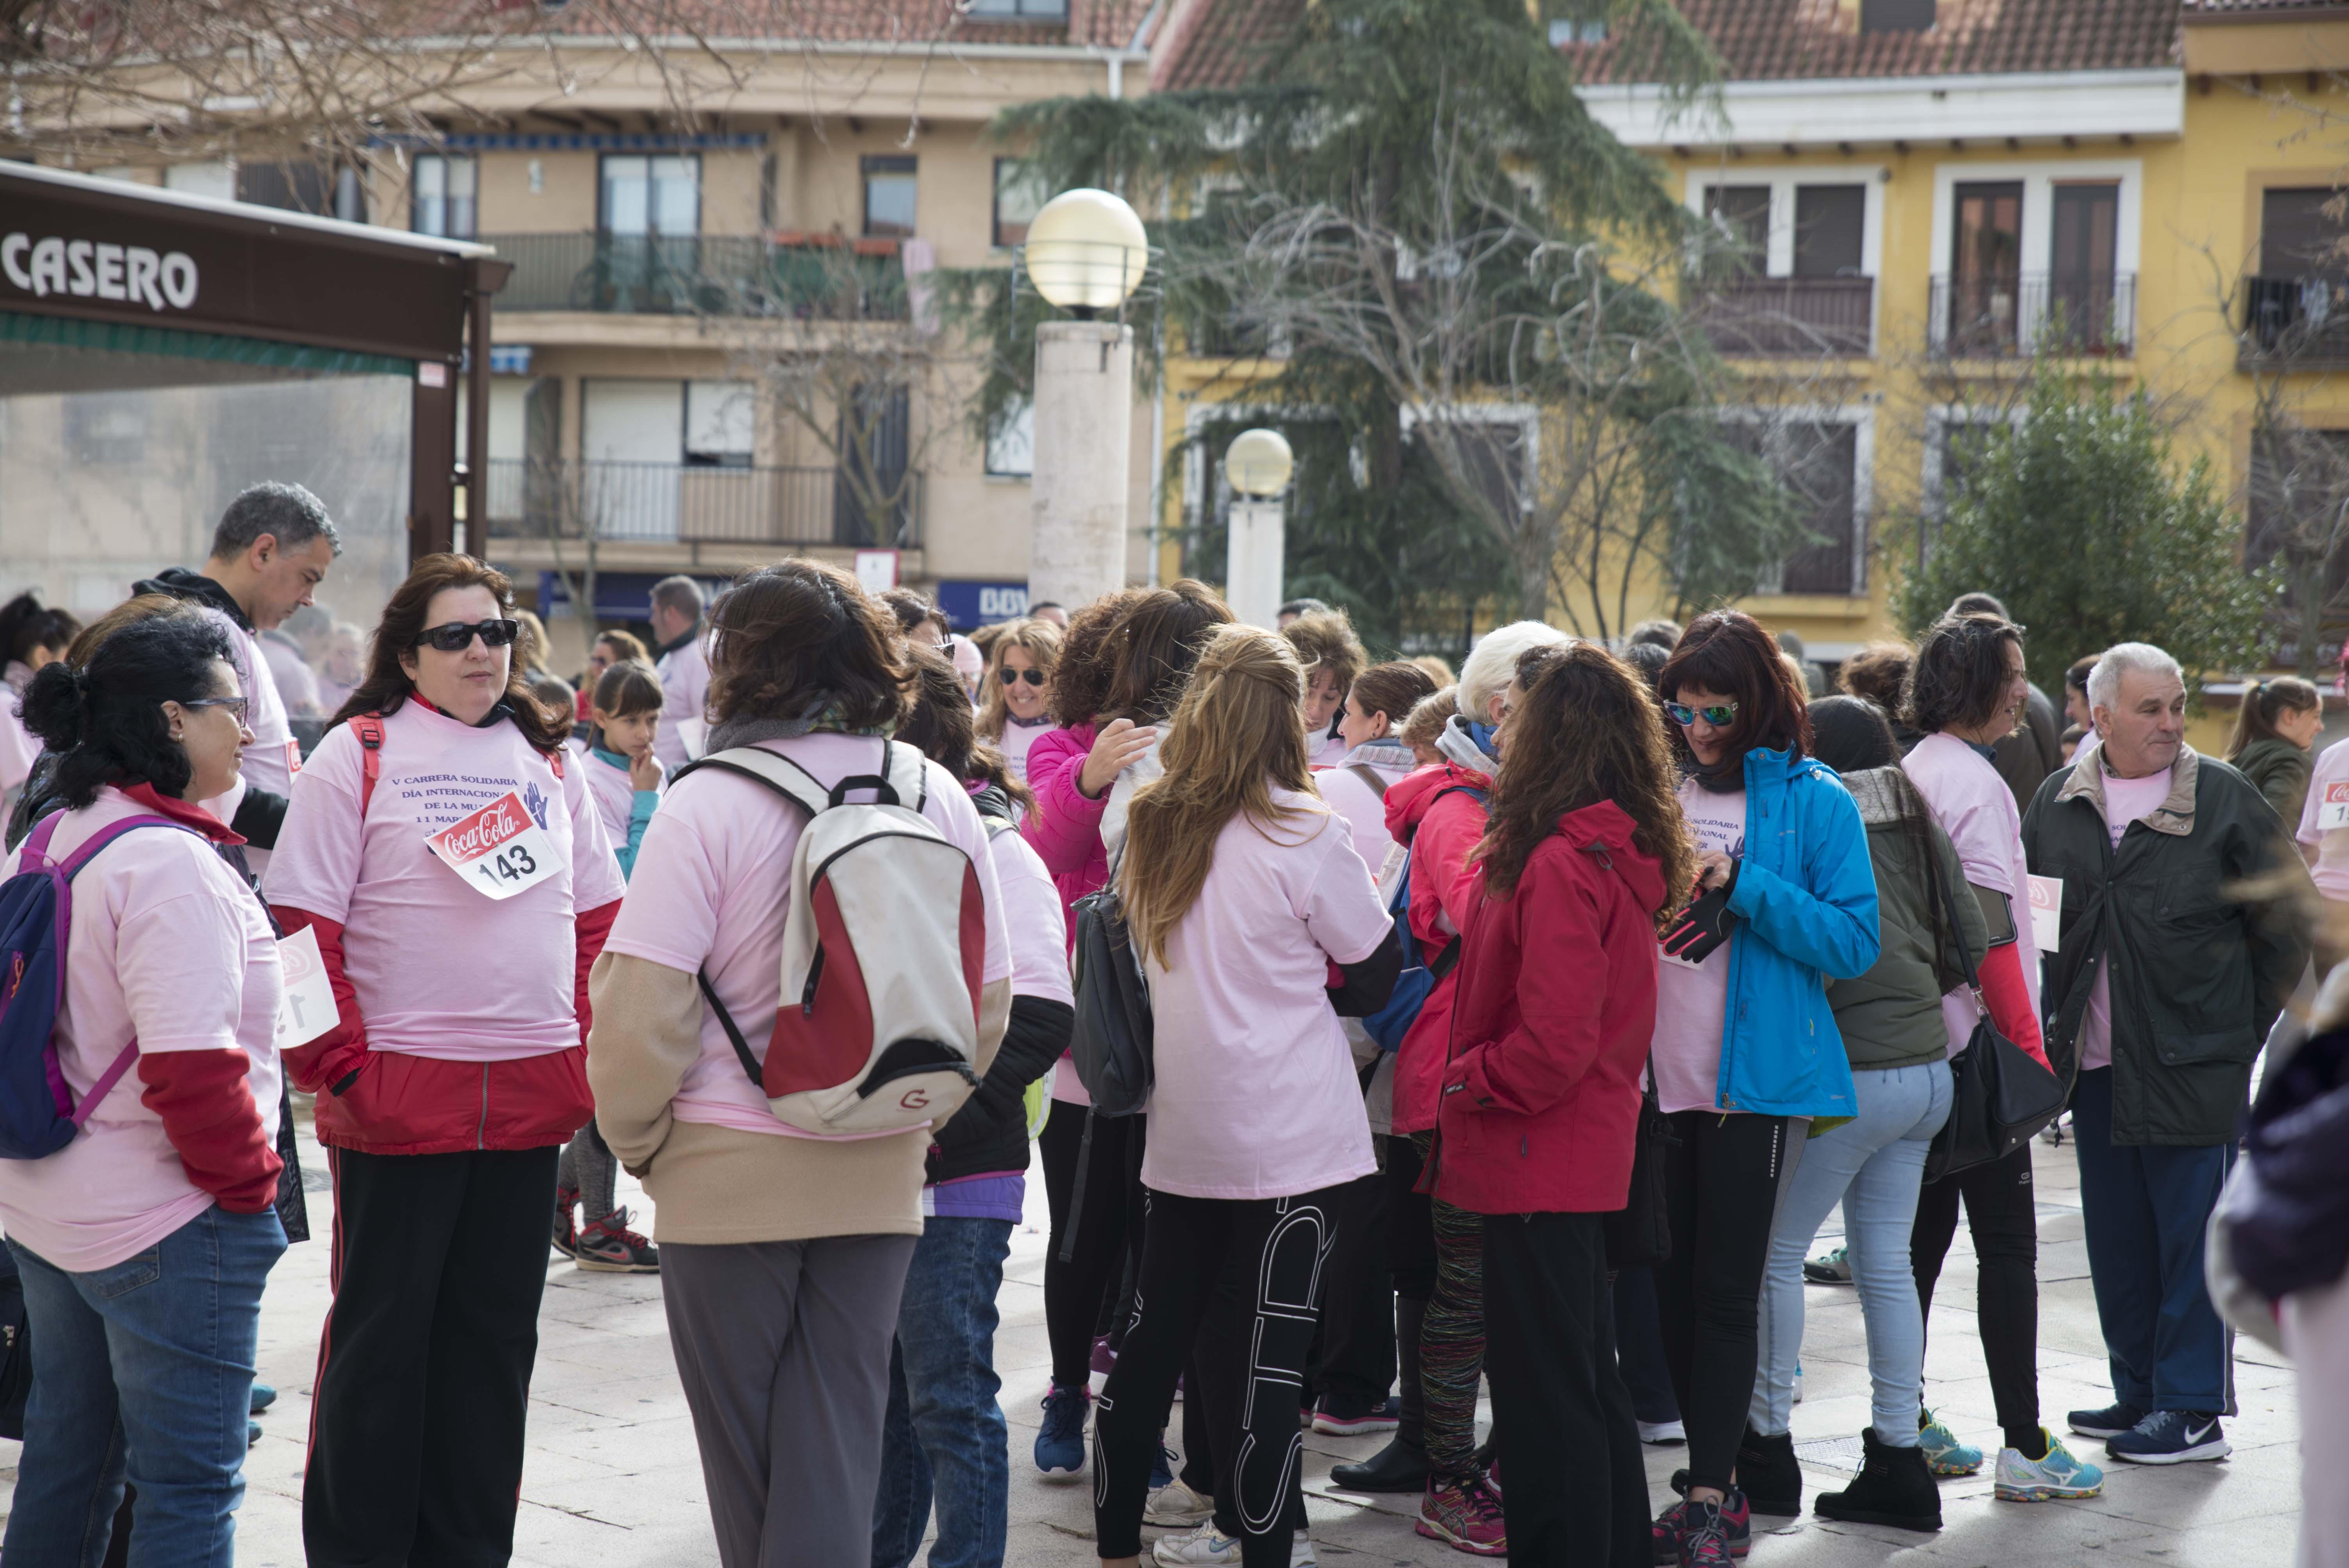 El domingo 11 de marzo se celebró en Velilla la V Carrera de la Mujer